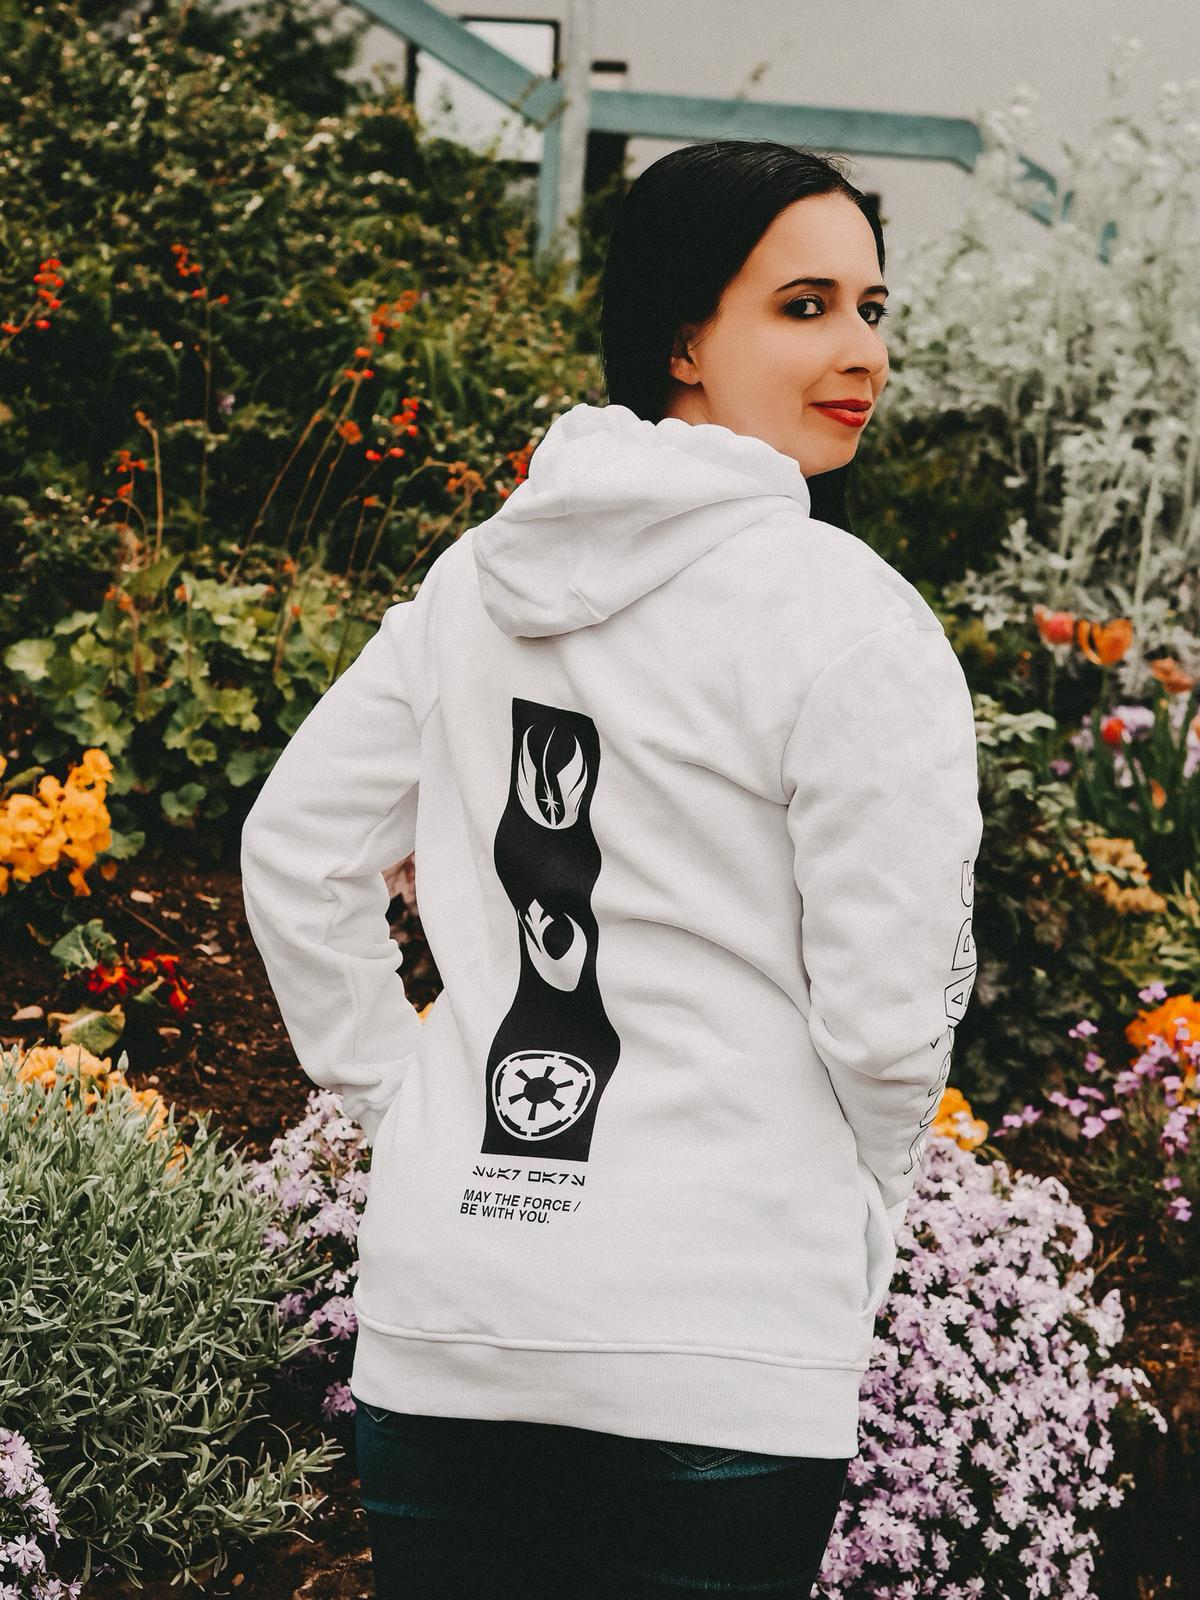 Neue Kollektionen von Zavvi - Rückenansicht weißer Star Wars Hoodie